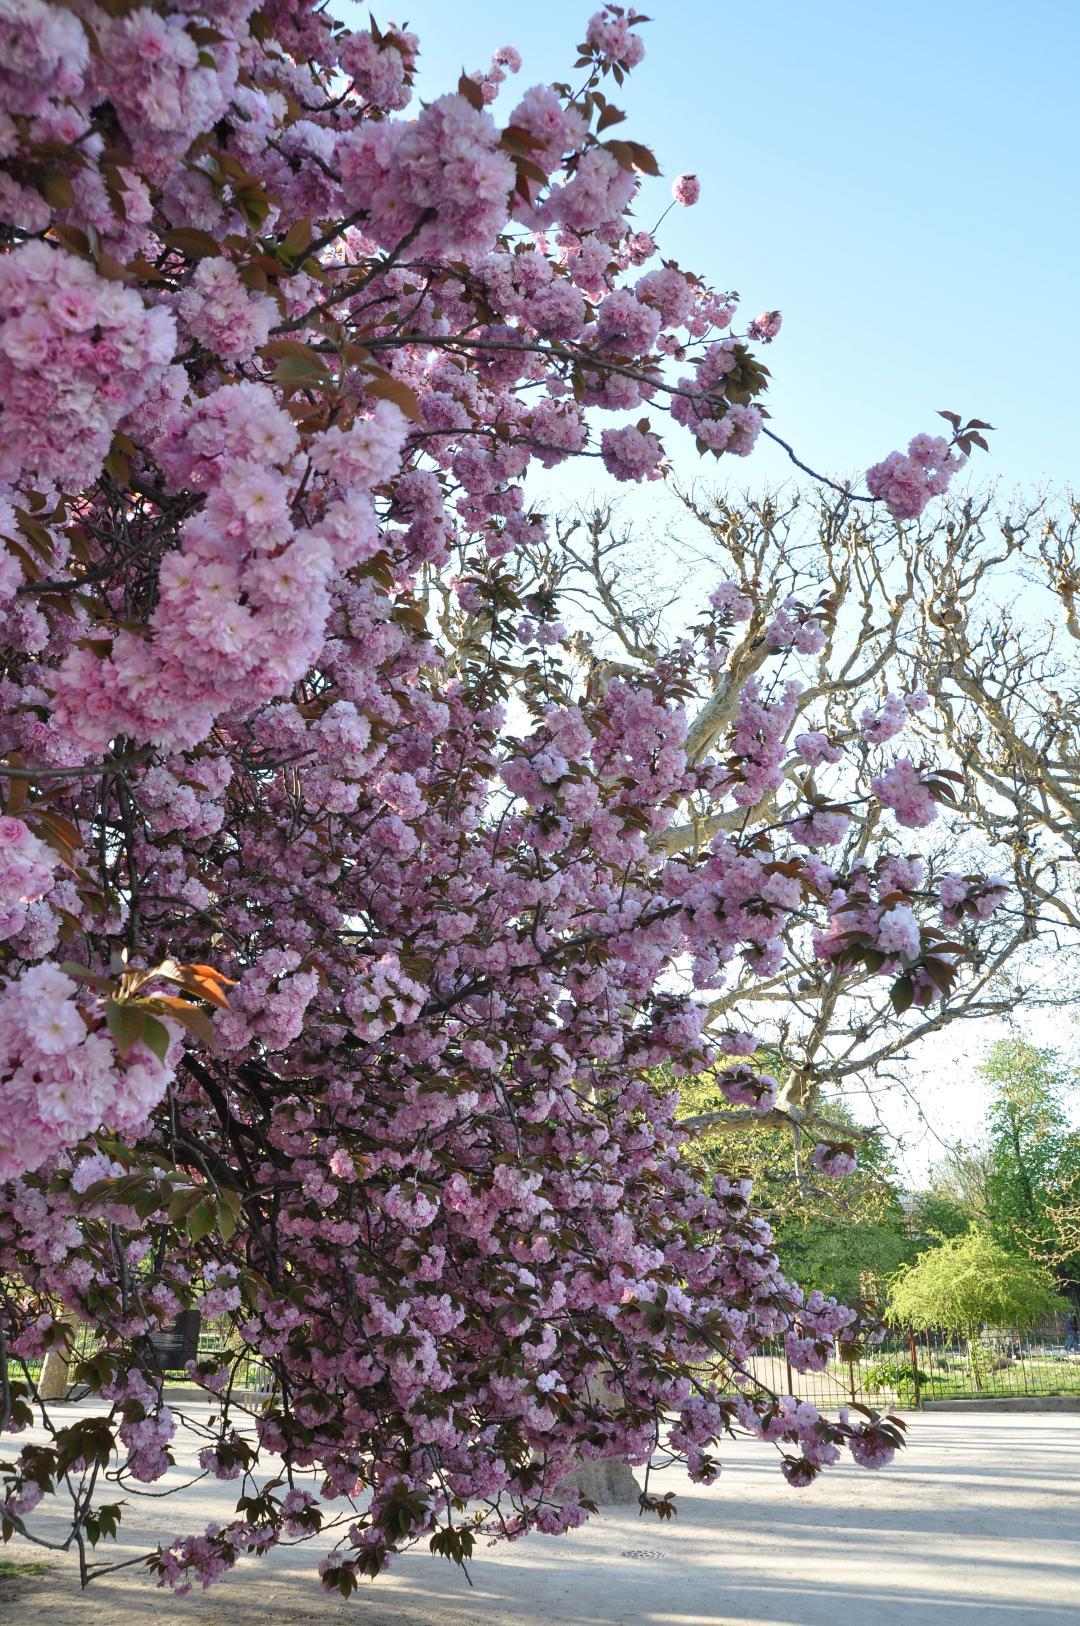 Cherry blossoms at the Jardin des Plantes, Paris - Kinto